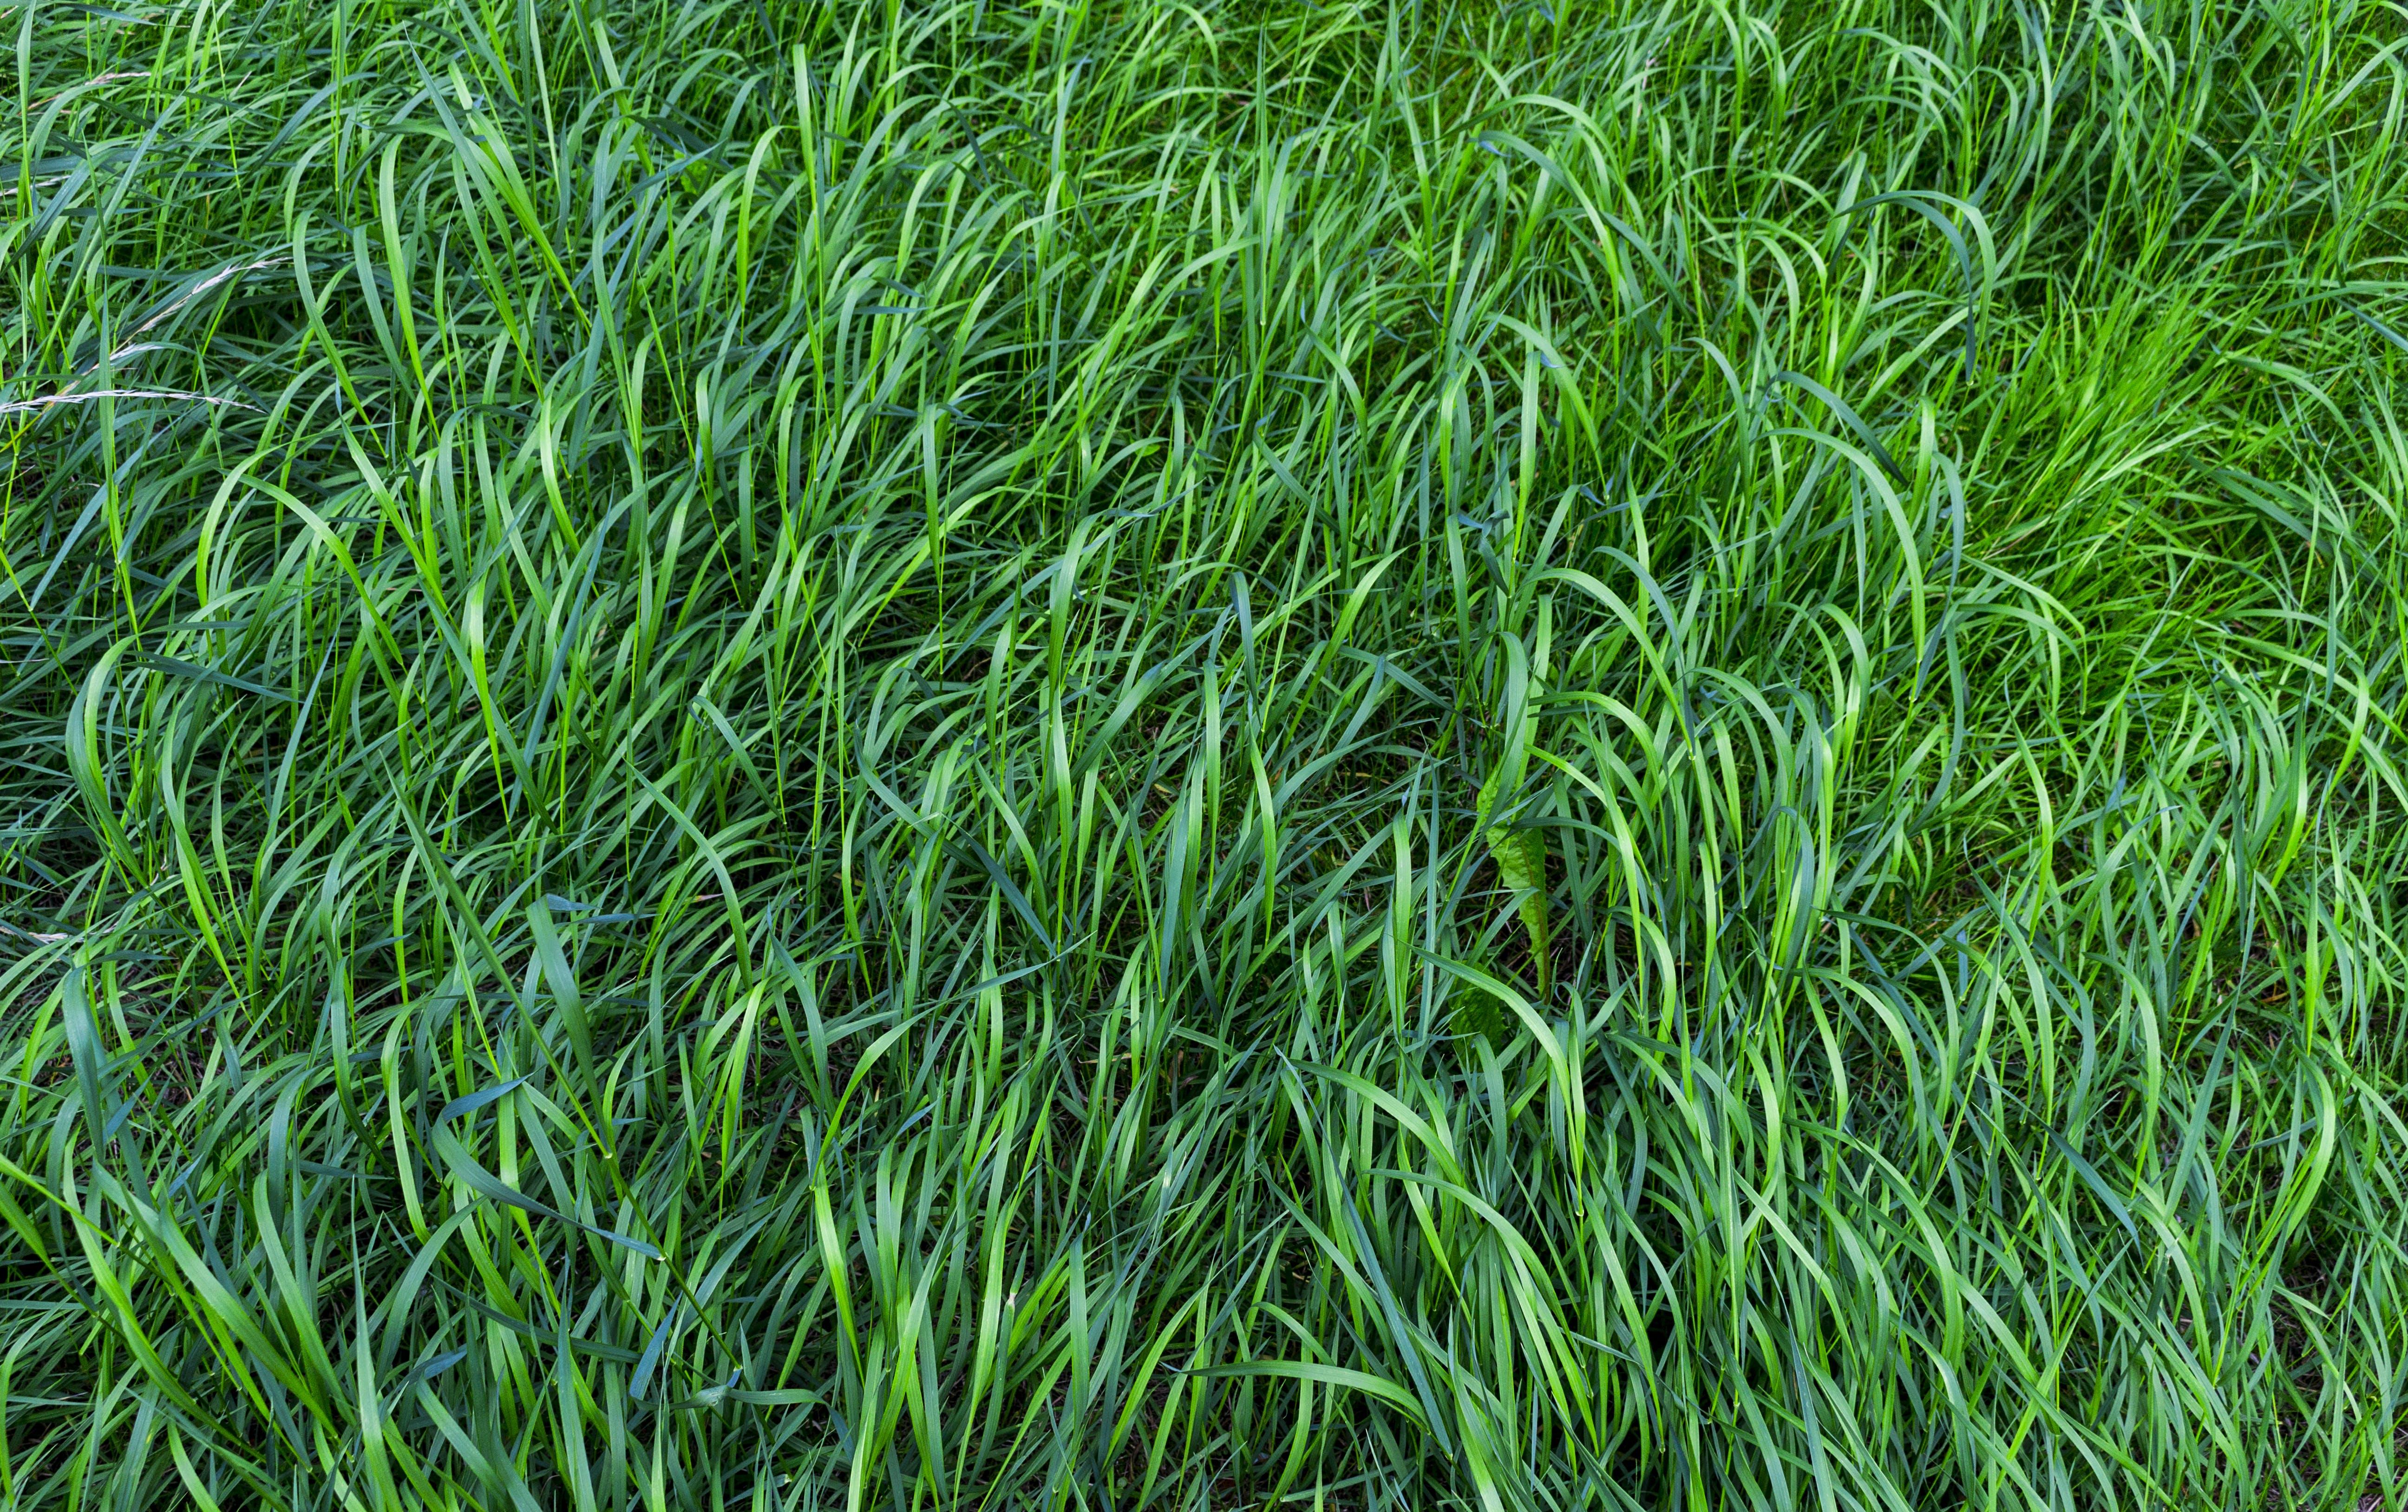 Gratis lagerfoto af bane, close-up, friskhed, græs